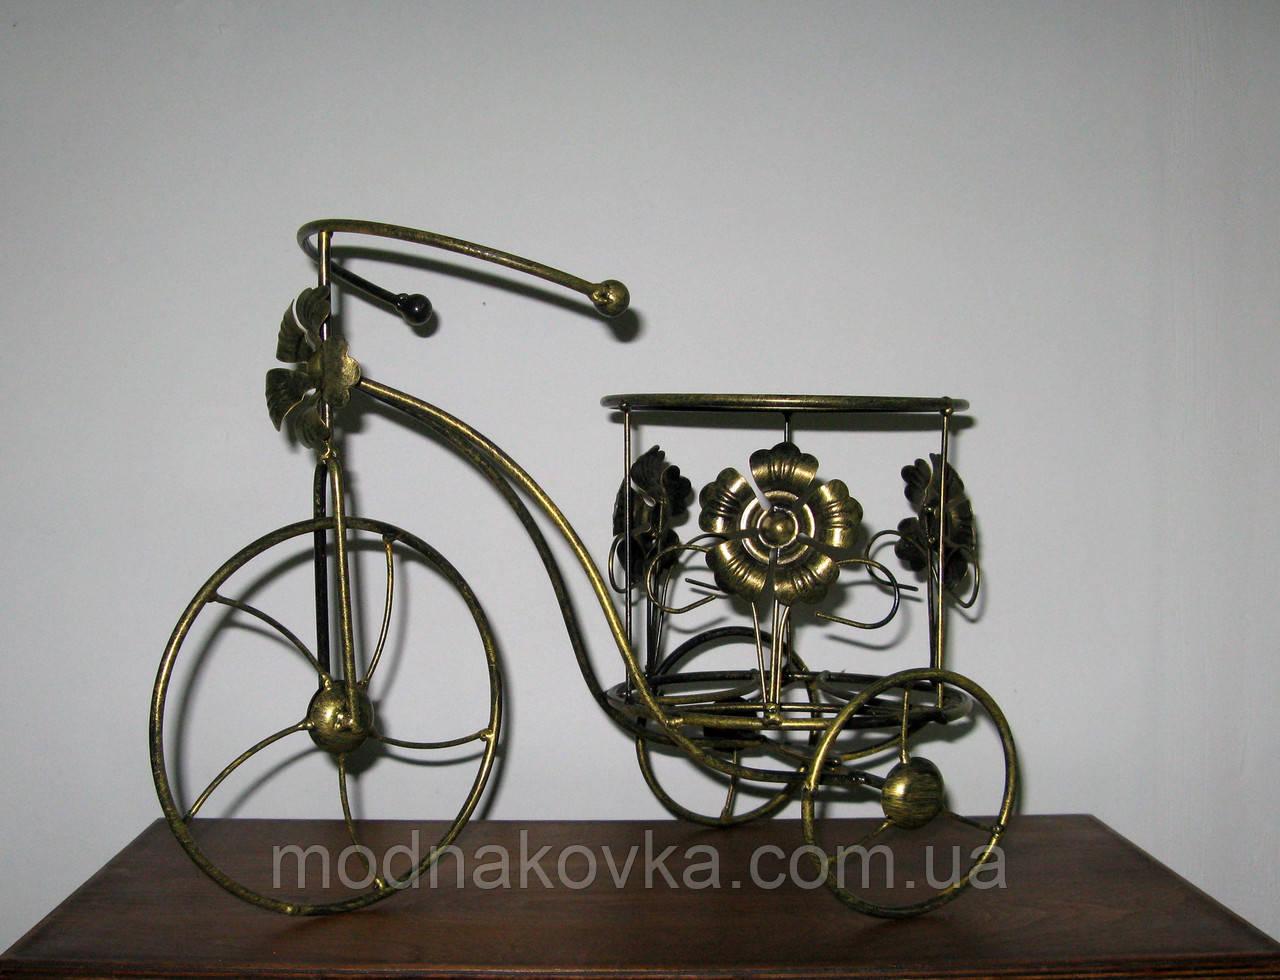 Цветочная подставка Велоcипед 1 Мальва черный/золото